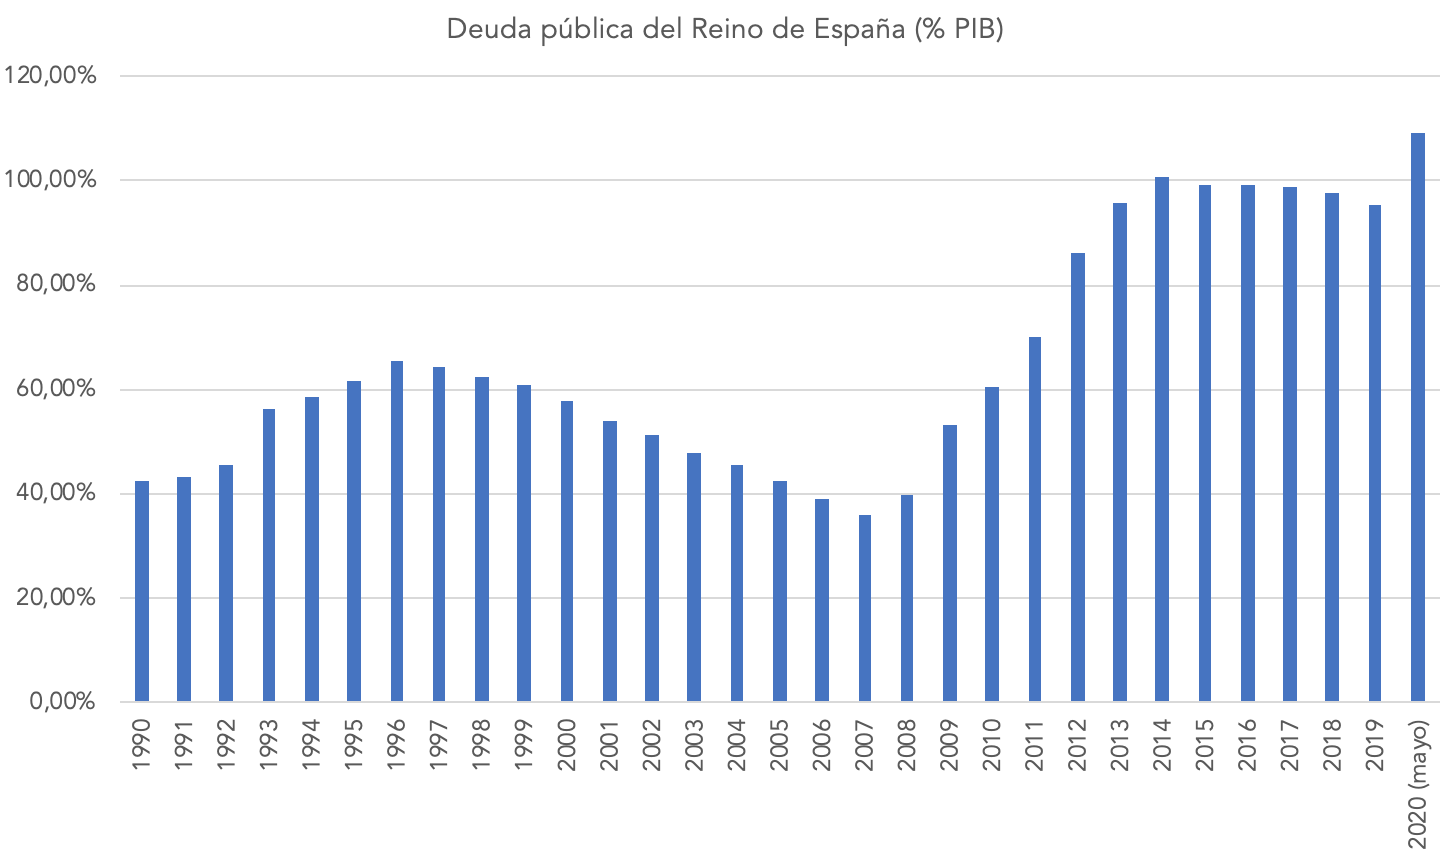 deuda-publica-espana.png